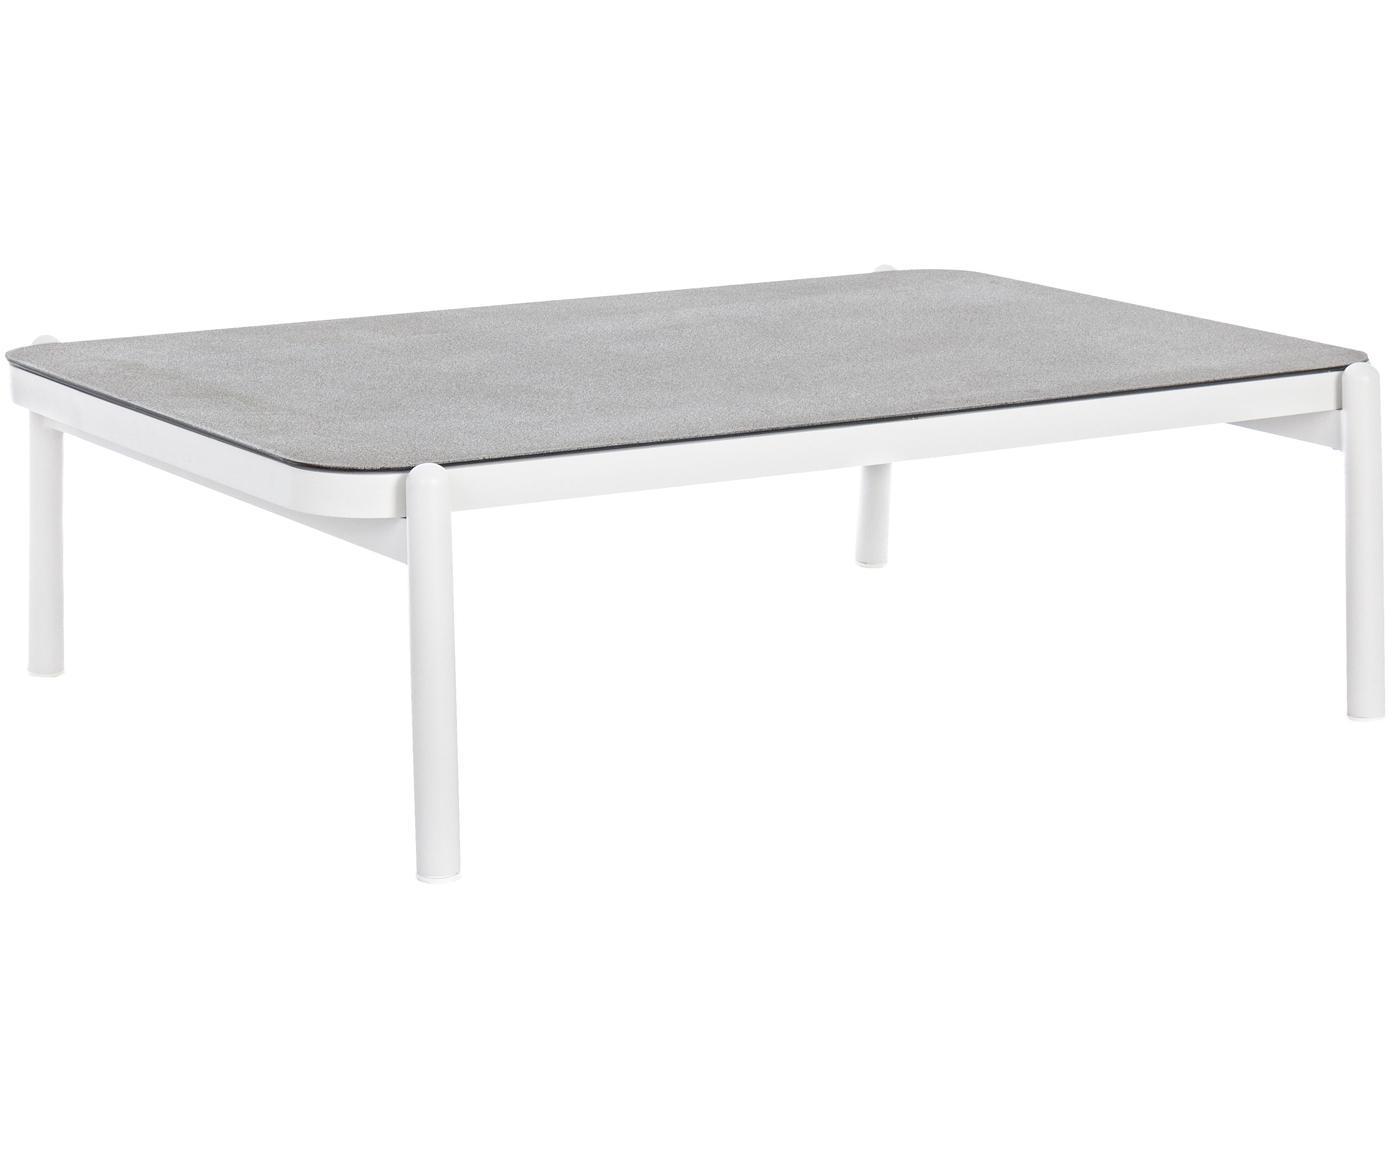 Tavolino con piano in vetro Florencia, Struttura: alluminio verniciato a po, Piano d'appoggio: vetro rivestito, Grigio, bianco, Larg. 120 x Prof. 75 cm